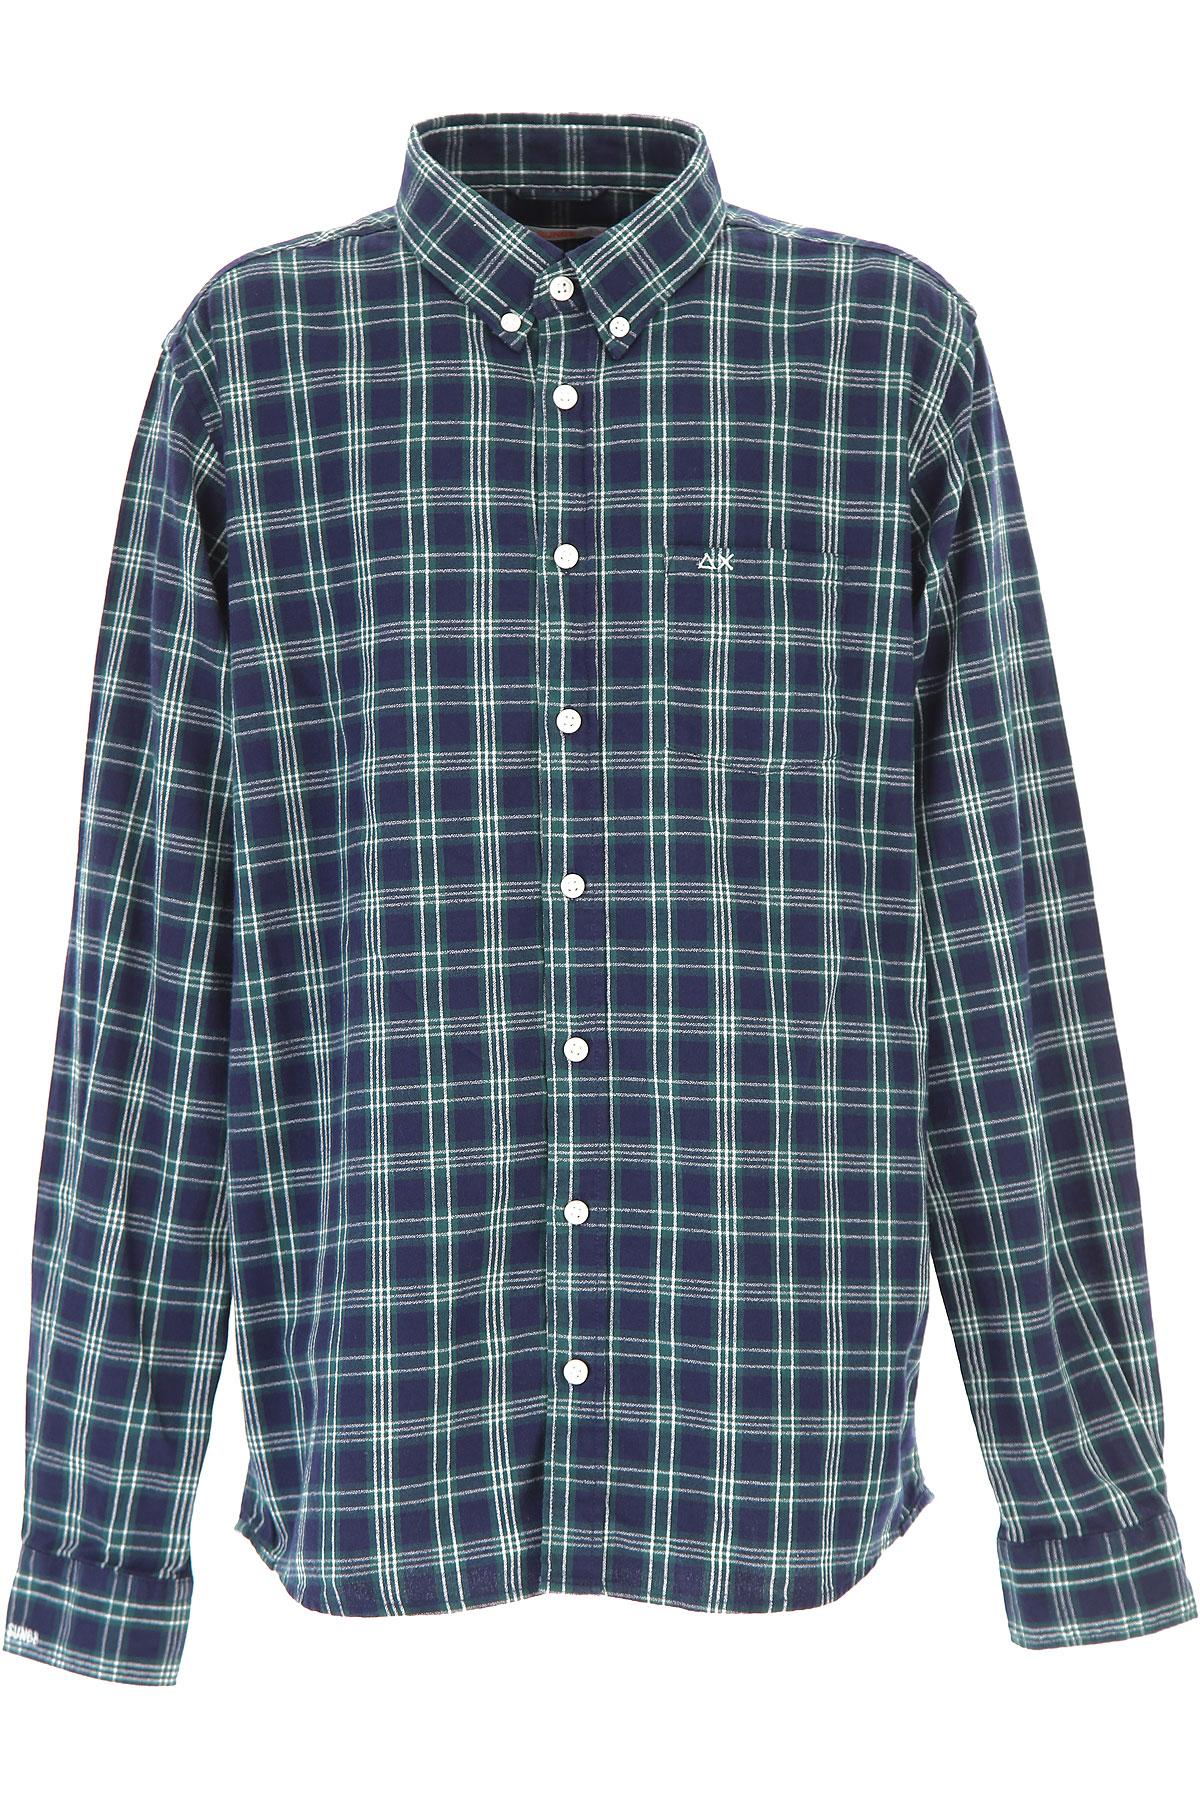 Image of Sun68 Kids Shirts for Boys, Dark Green, Cotton, 2017, 10Y 14Y 2Y 4Y 6Y 8Y